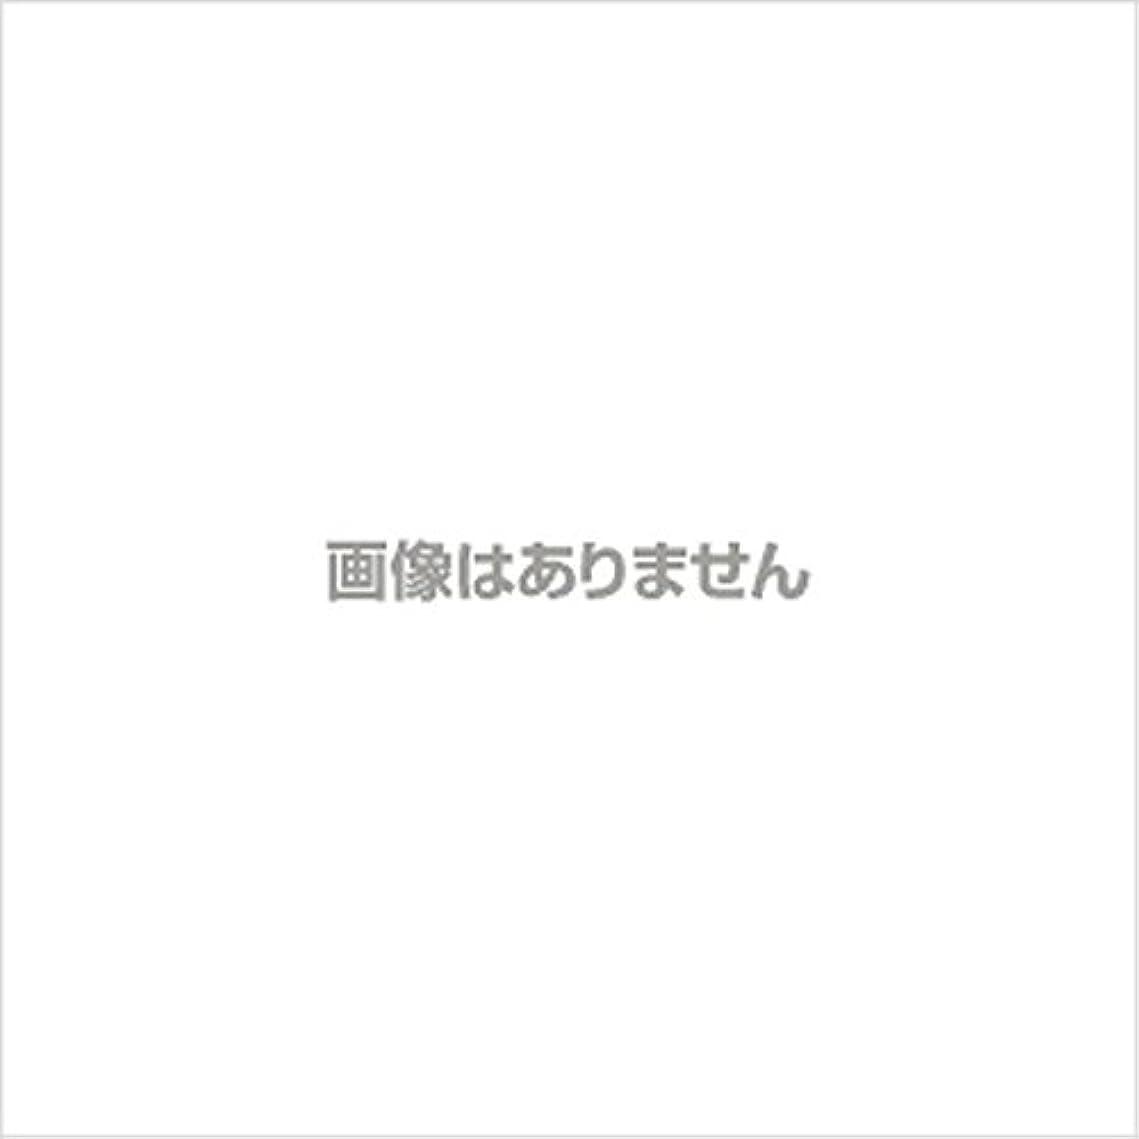 過敏な遺跡マーキング【新発売】EBUKEA エブケアNO1004 プラスチックグローブ(パウダーフリー?粉なし)Sサイズ 100枚入(極薄?半透明)